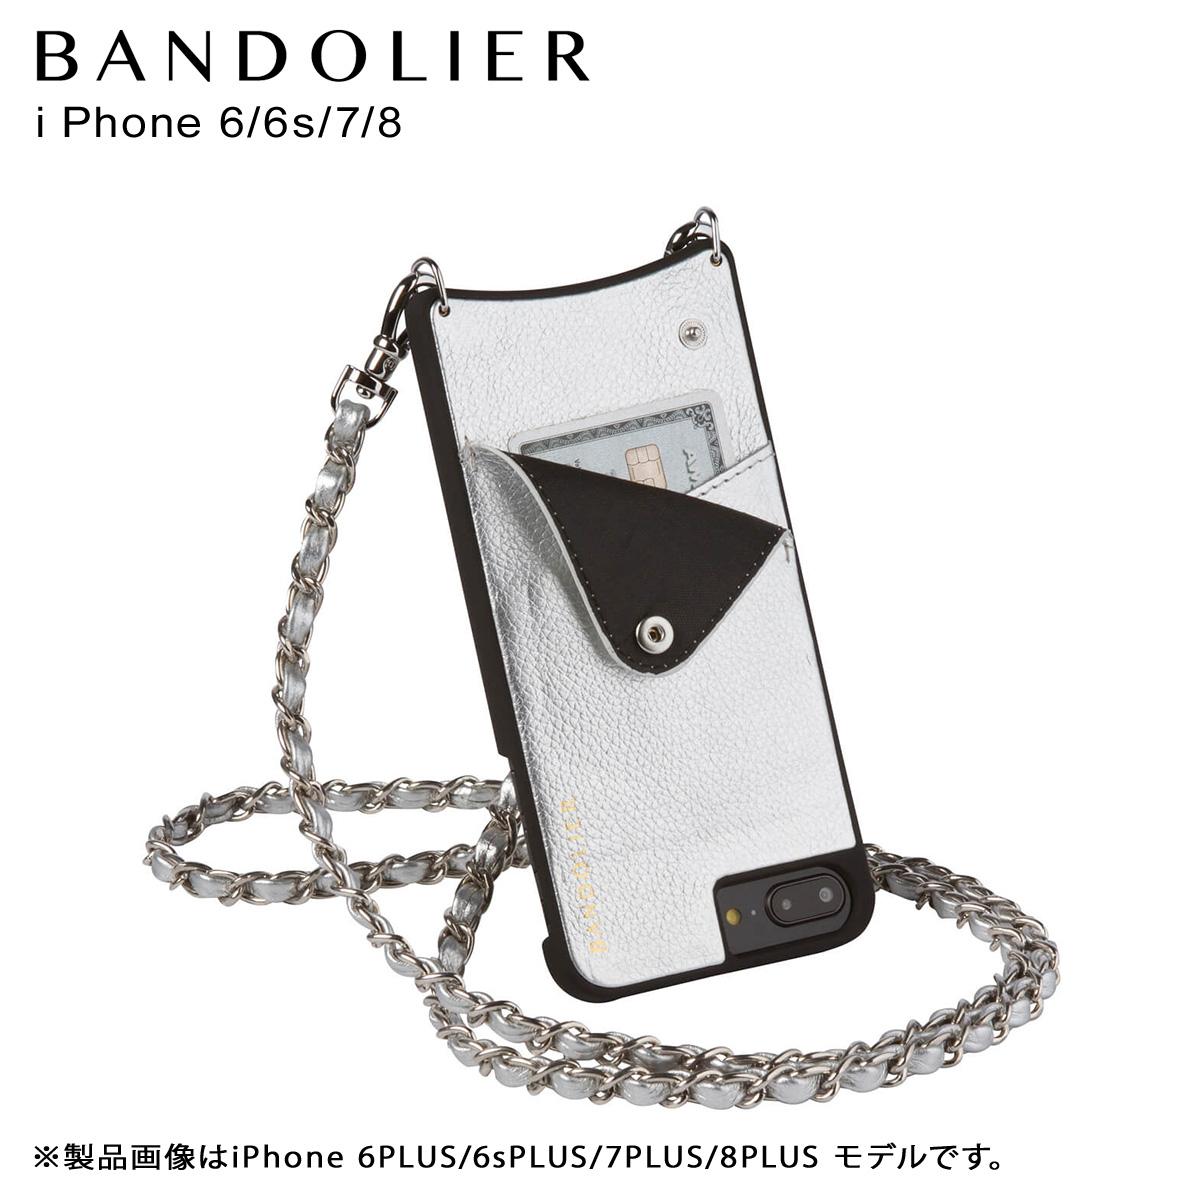 バンドリヤー BANDOLIER iPhone8 iPhone7 6s ケース スマホ アイフォン LUCY RICH SILVER メンズ レディース